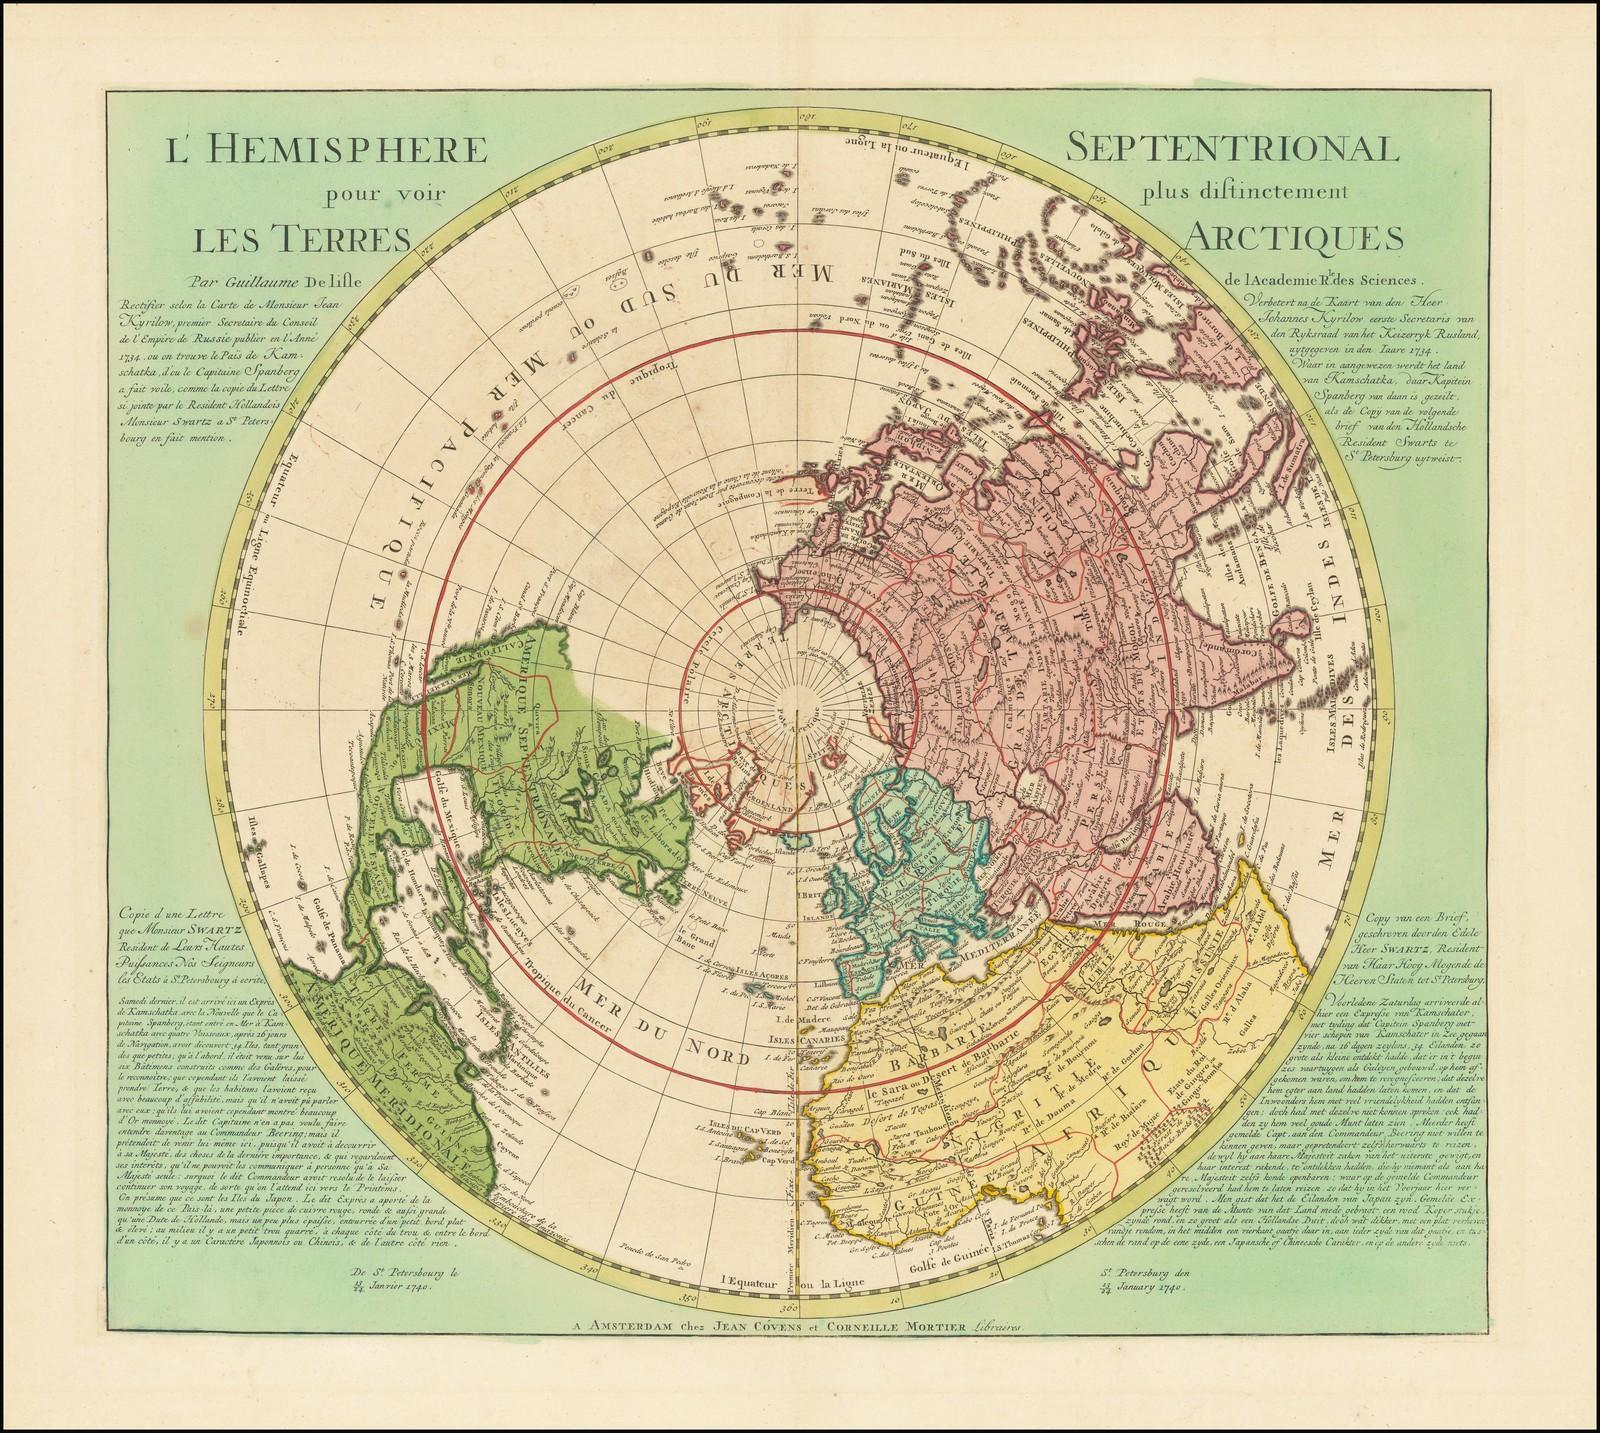 Прекрасная карта Северного полушария с последними русскими открытиями в Северо-Восточной Азии